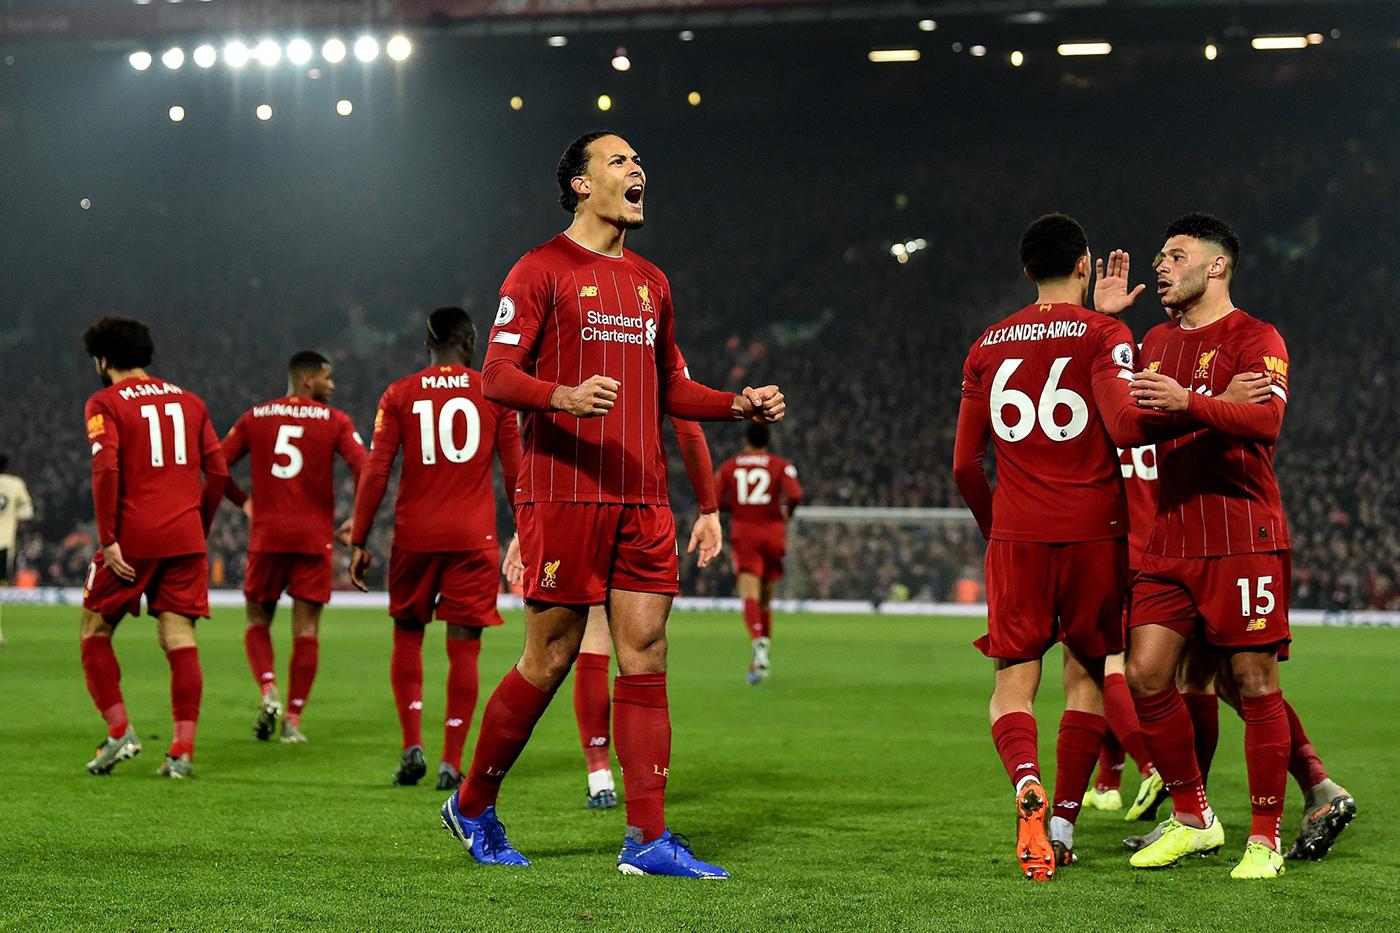 ليفربول يطارد الرقم القياسي ونوريتش يبحث عن طوق نجاة بالدوري الإنجليزي